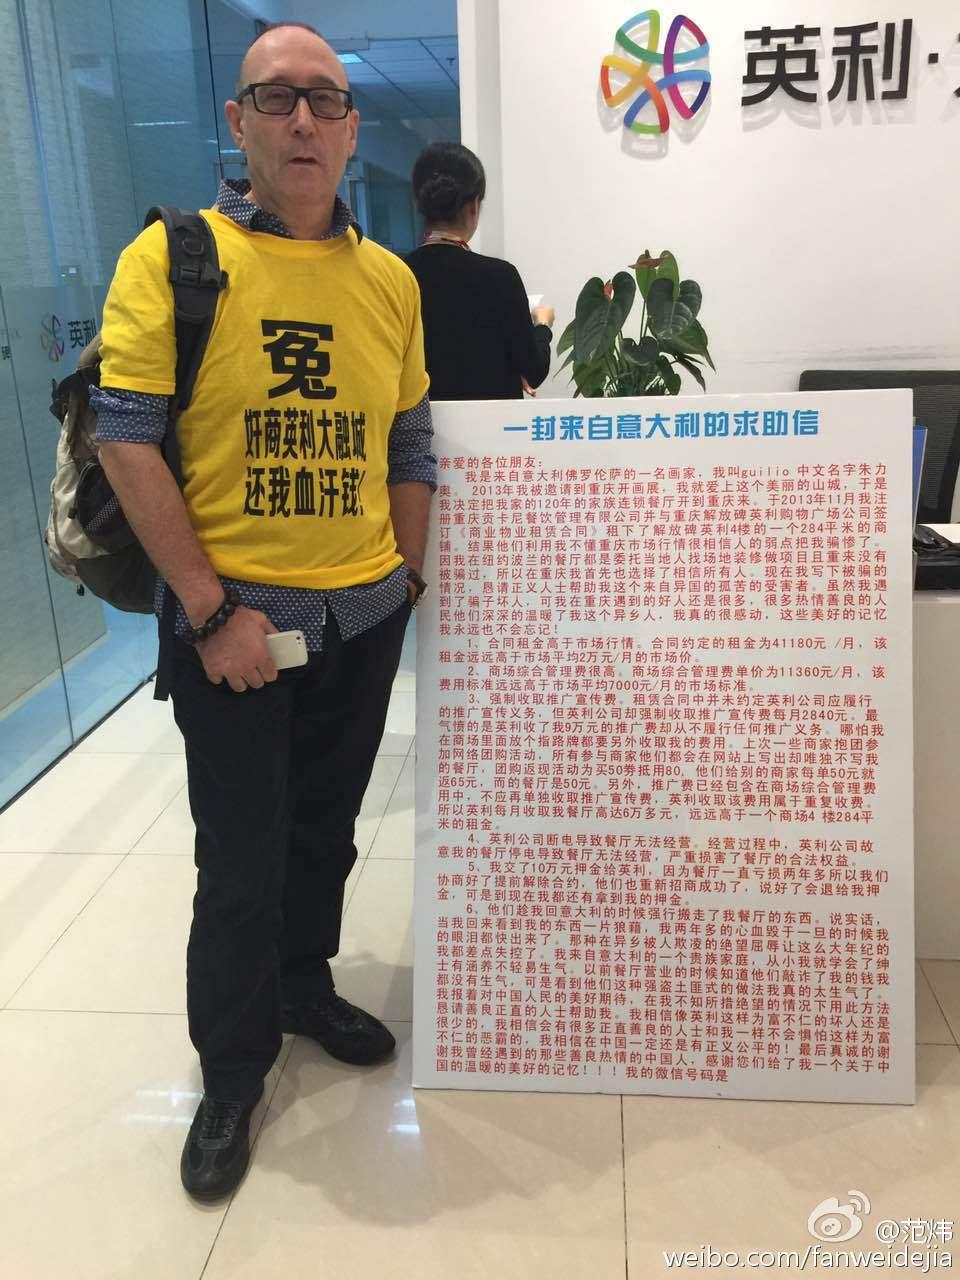 【图说天朝】老外维权在中国